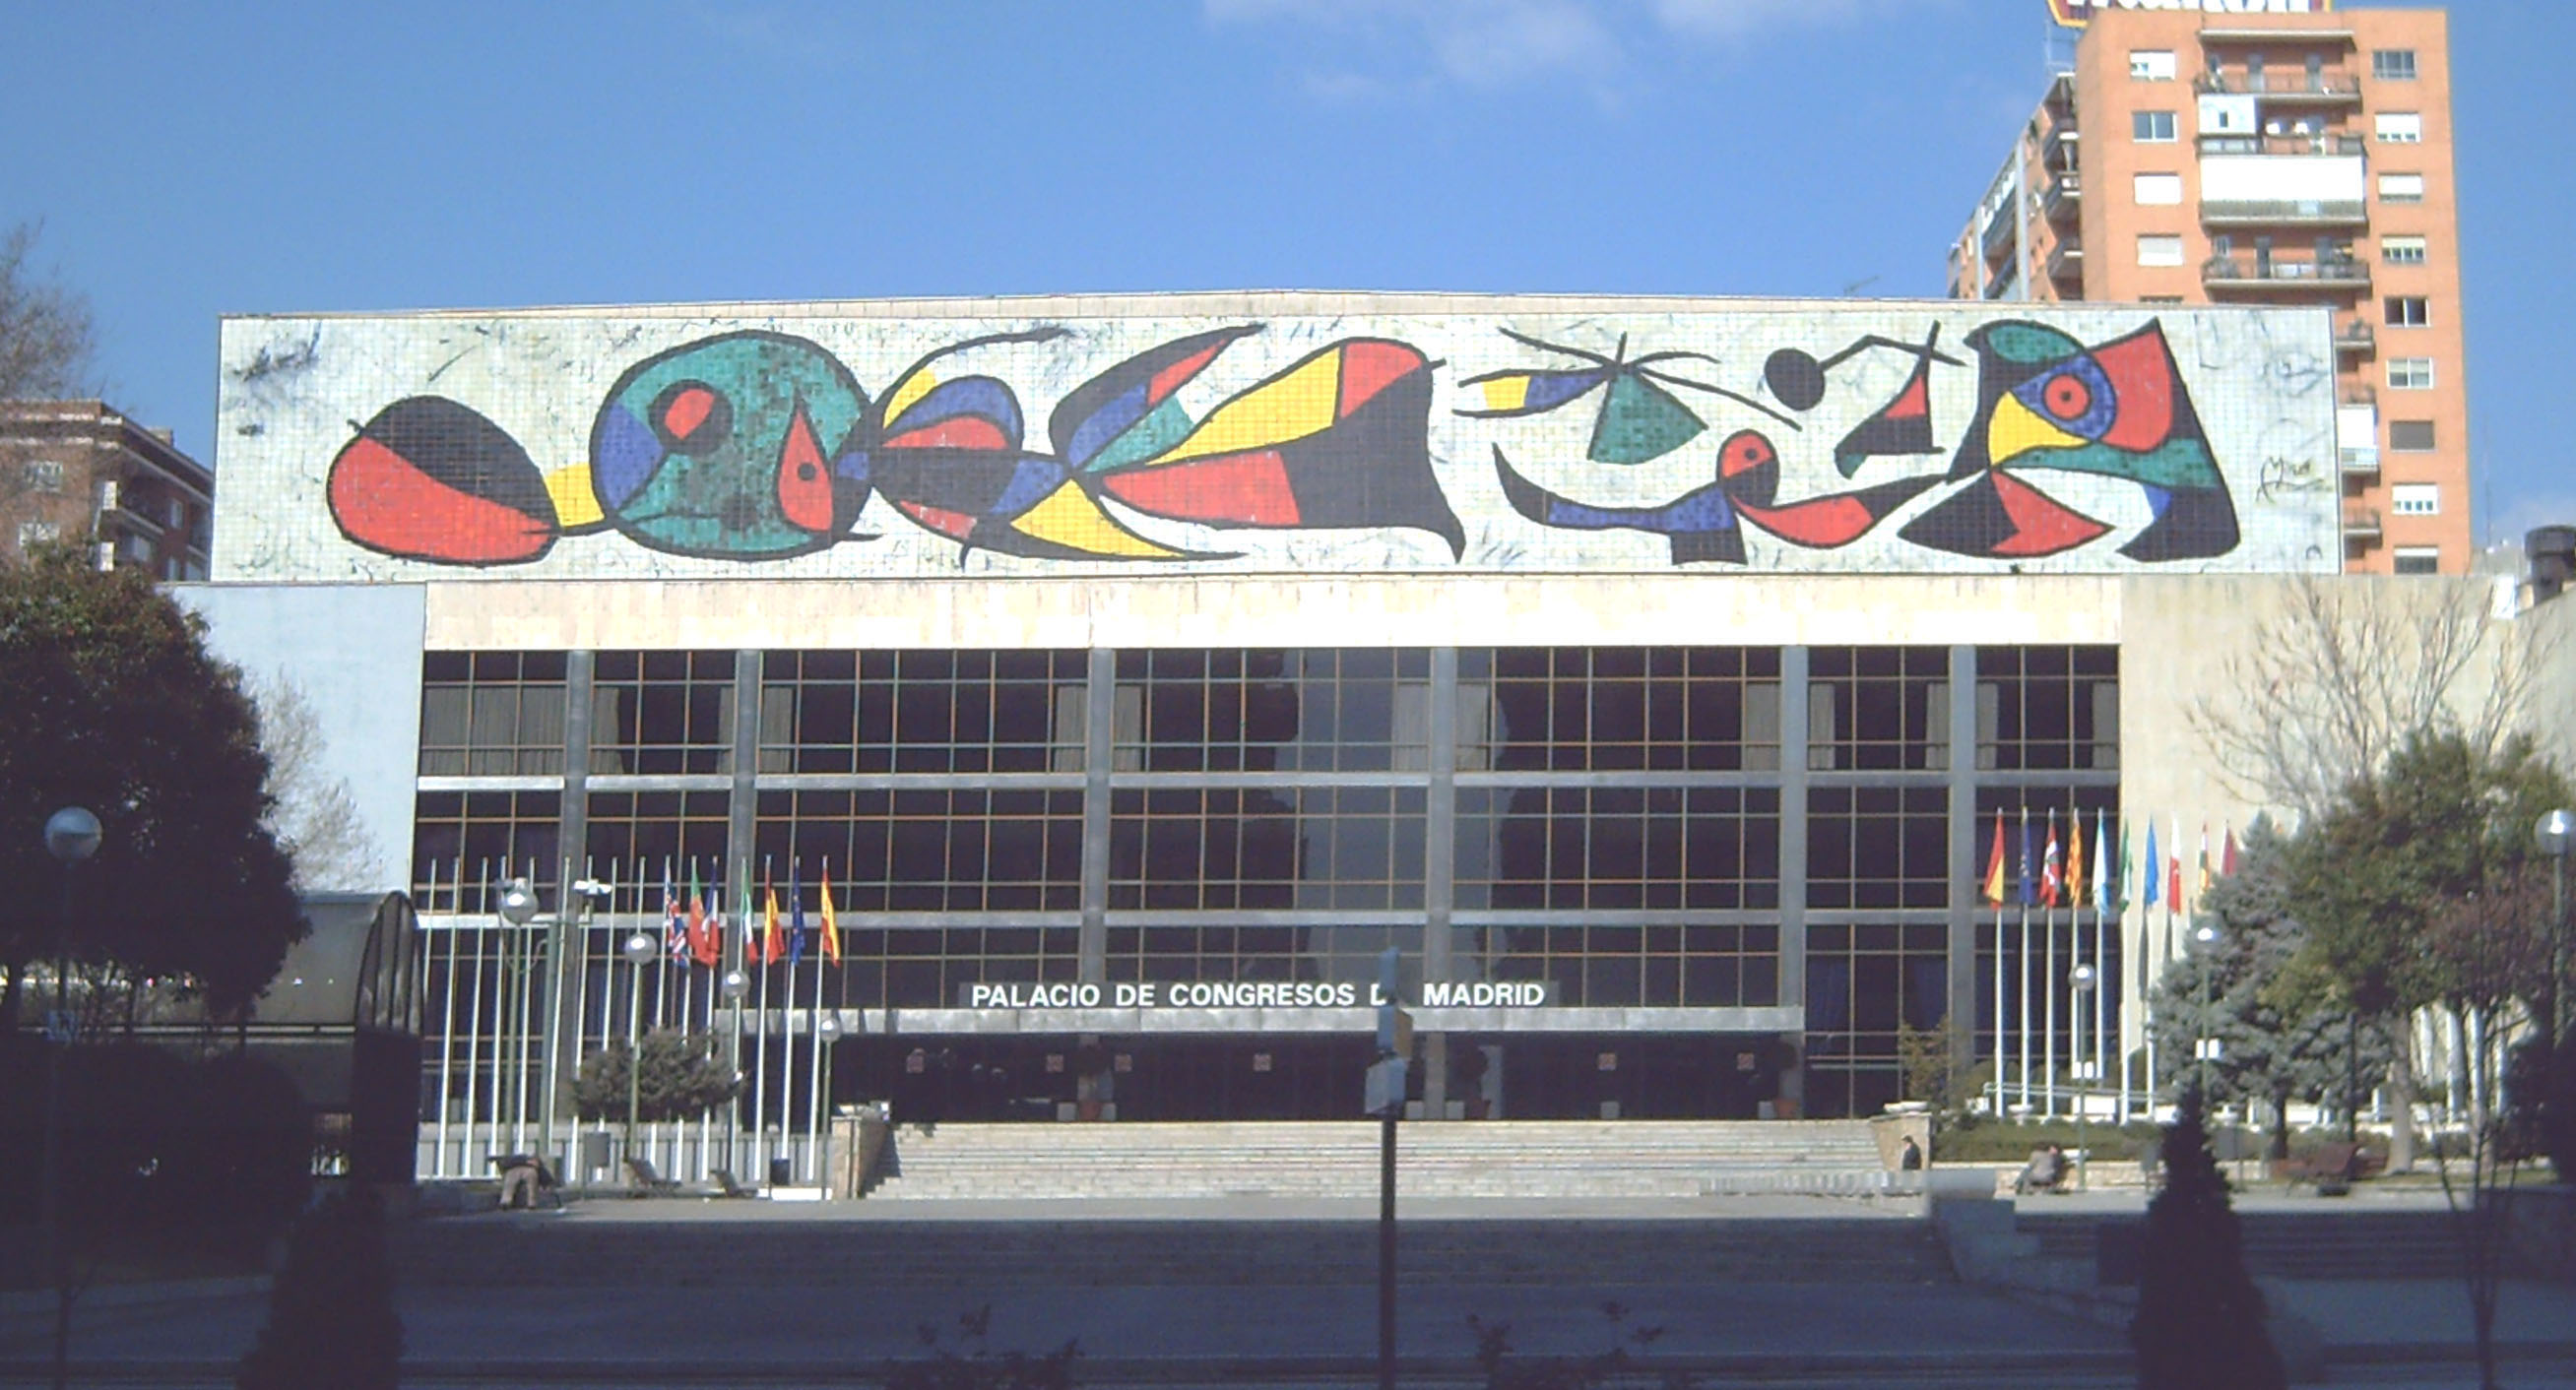 Palacio_de_Congresos_y_Exposiciones_%28Madrid%29_01.jpg